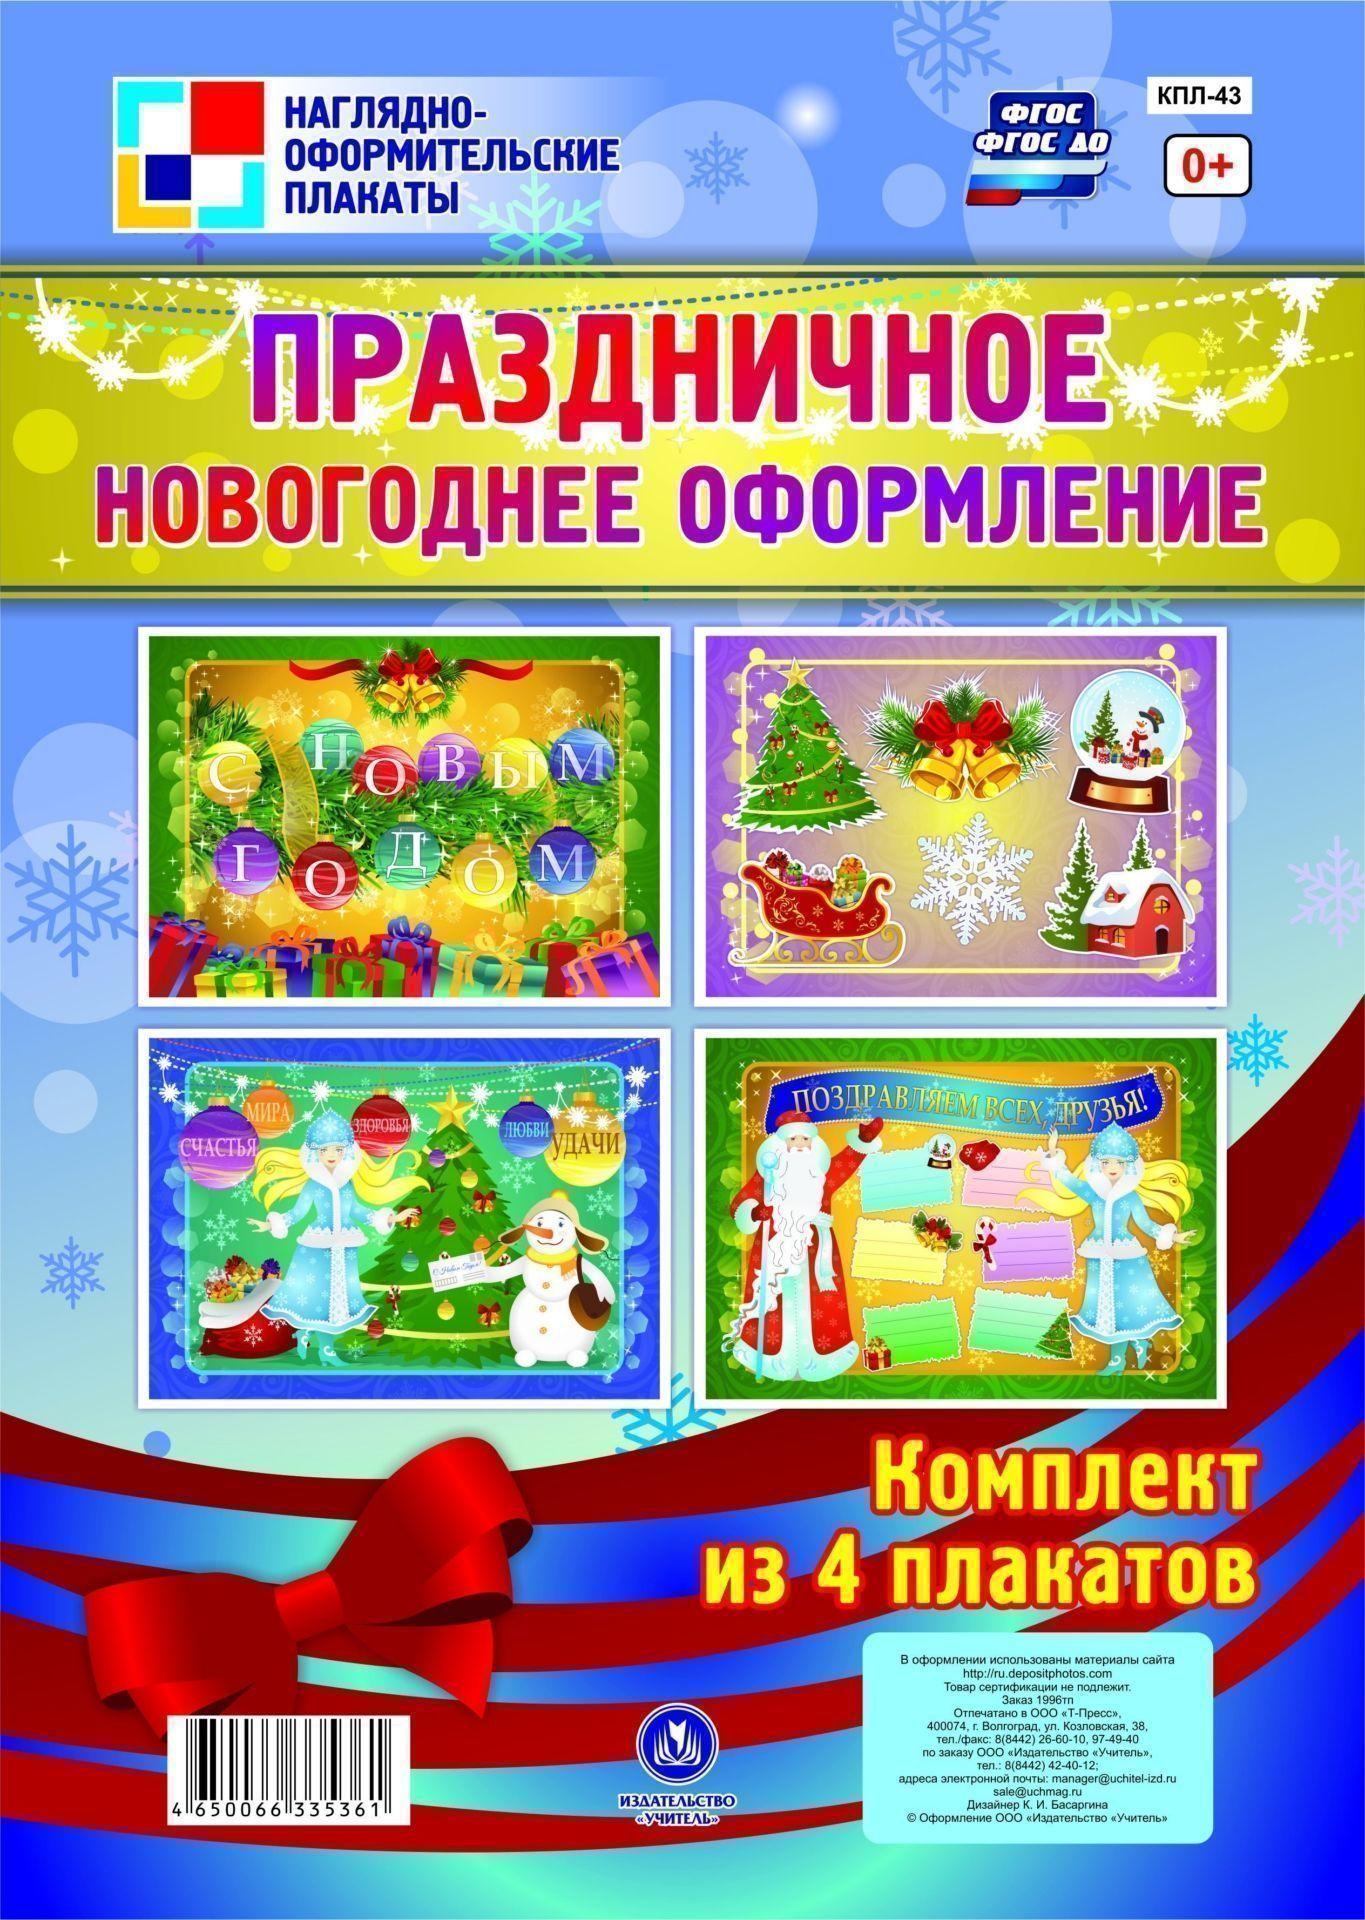 Праздничное новогоднее оформление (комплект из 4 плакатов)Наклейки для интерьера, окна<br>.<br><br>Год: 2017<br>Серия: Наглядно-оформительские плакаты<br>Высота: 297<br>Ширина: 420